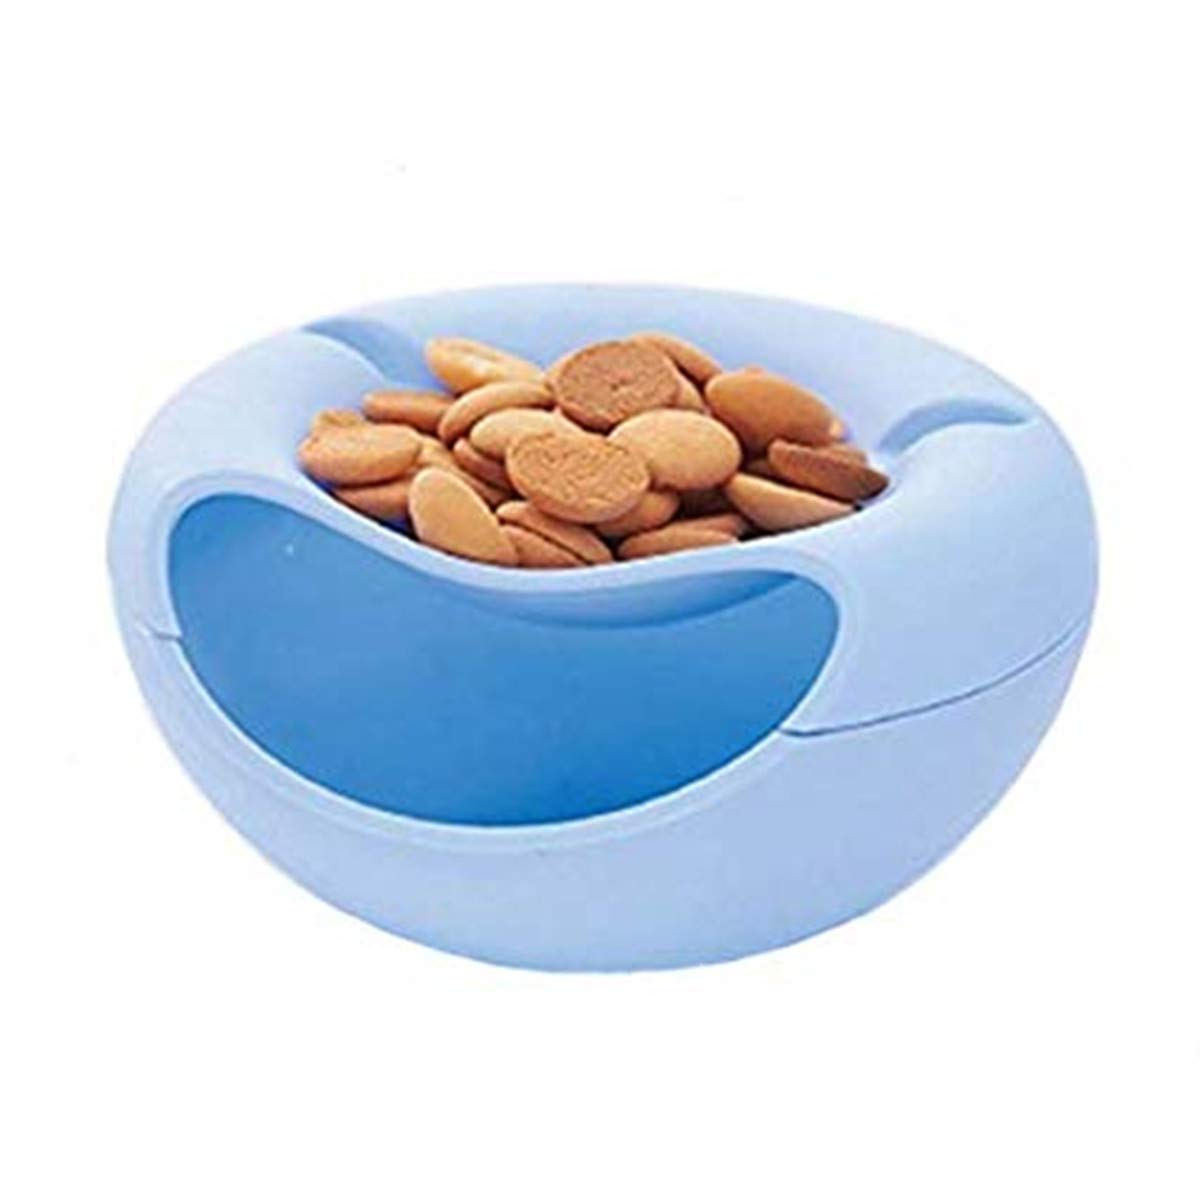 cacahu/ètes double /Écrou Bol avec support pour t/él/éphone portable logement Graines de tournesol Service pour Pistache Snack Bol plat Edamame bleu